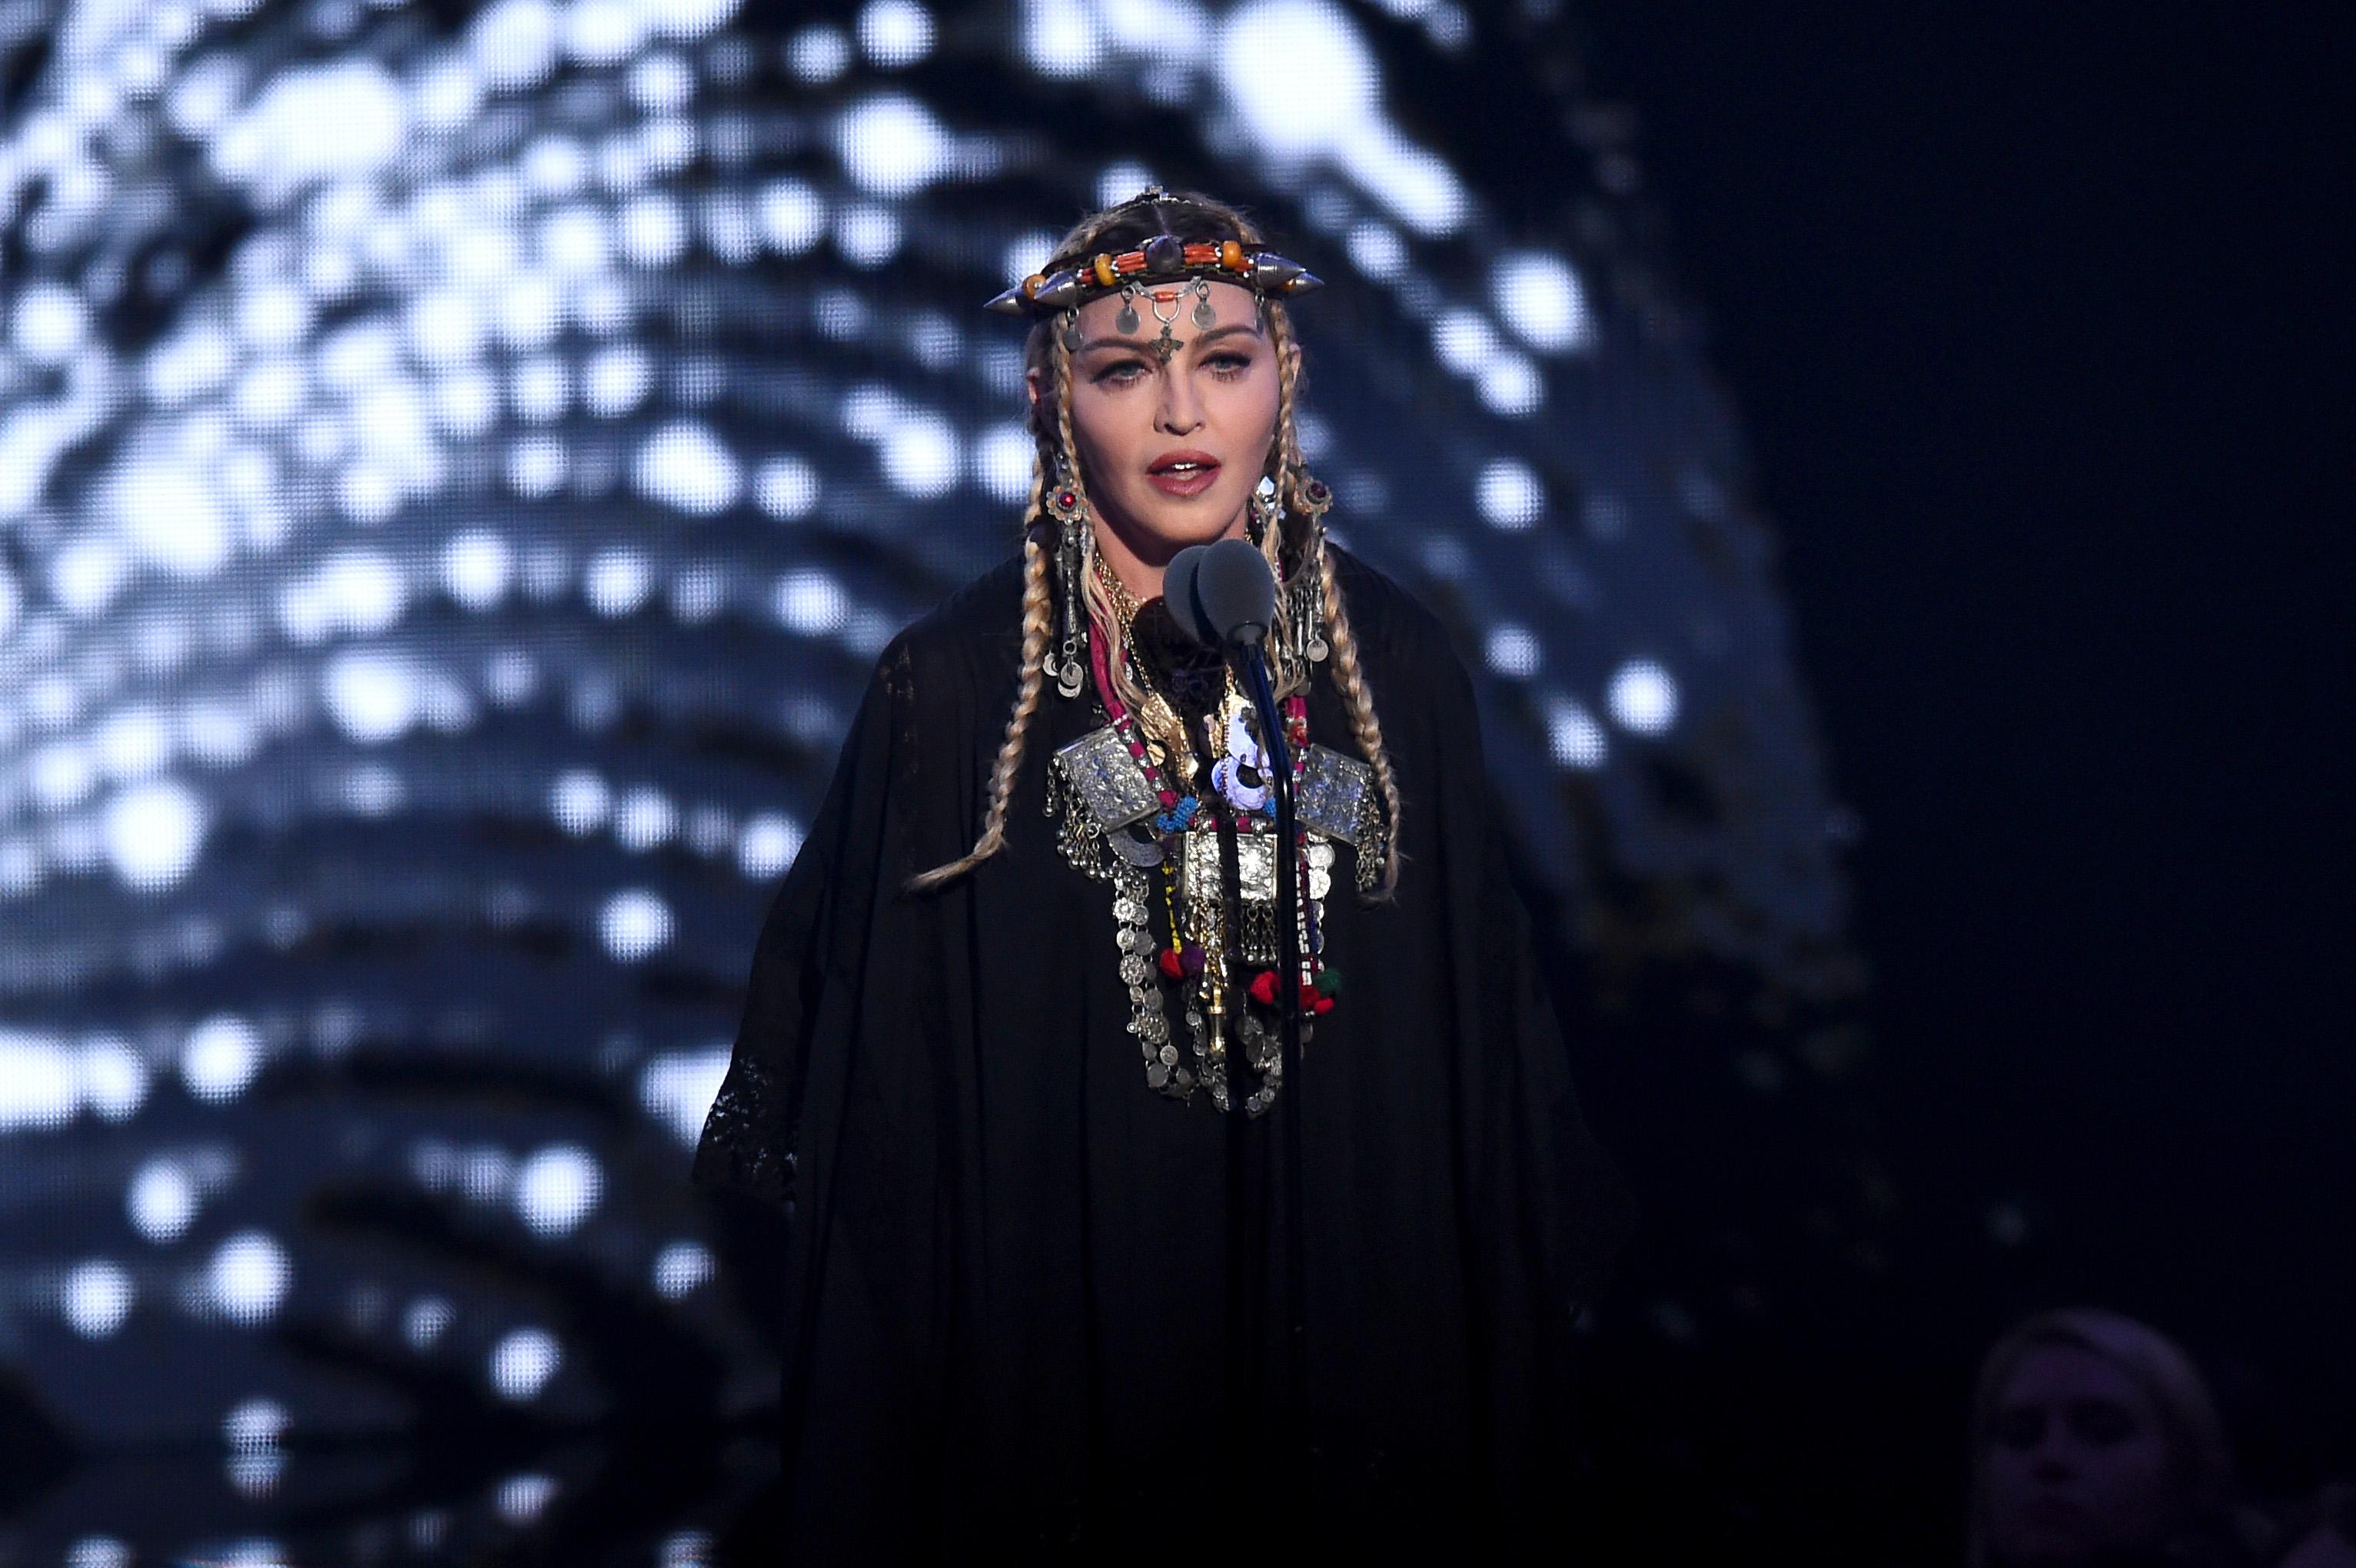 Madonna beszédet mondott Aretha Franklinről, de valahogy úgy alakult, hogy inkább saját magáról szólt